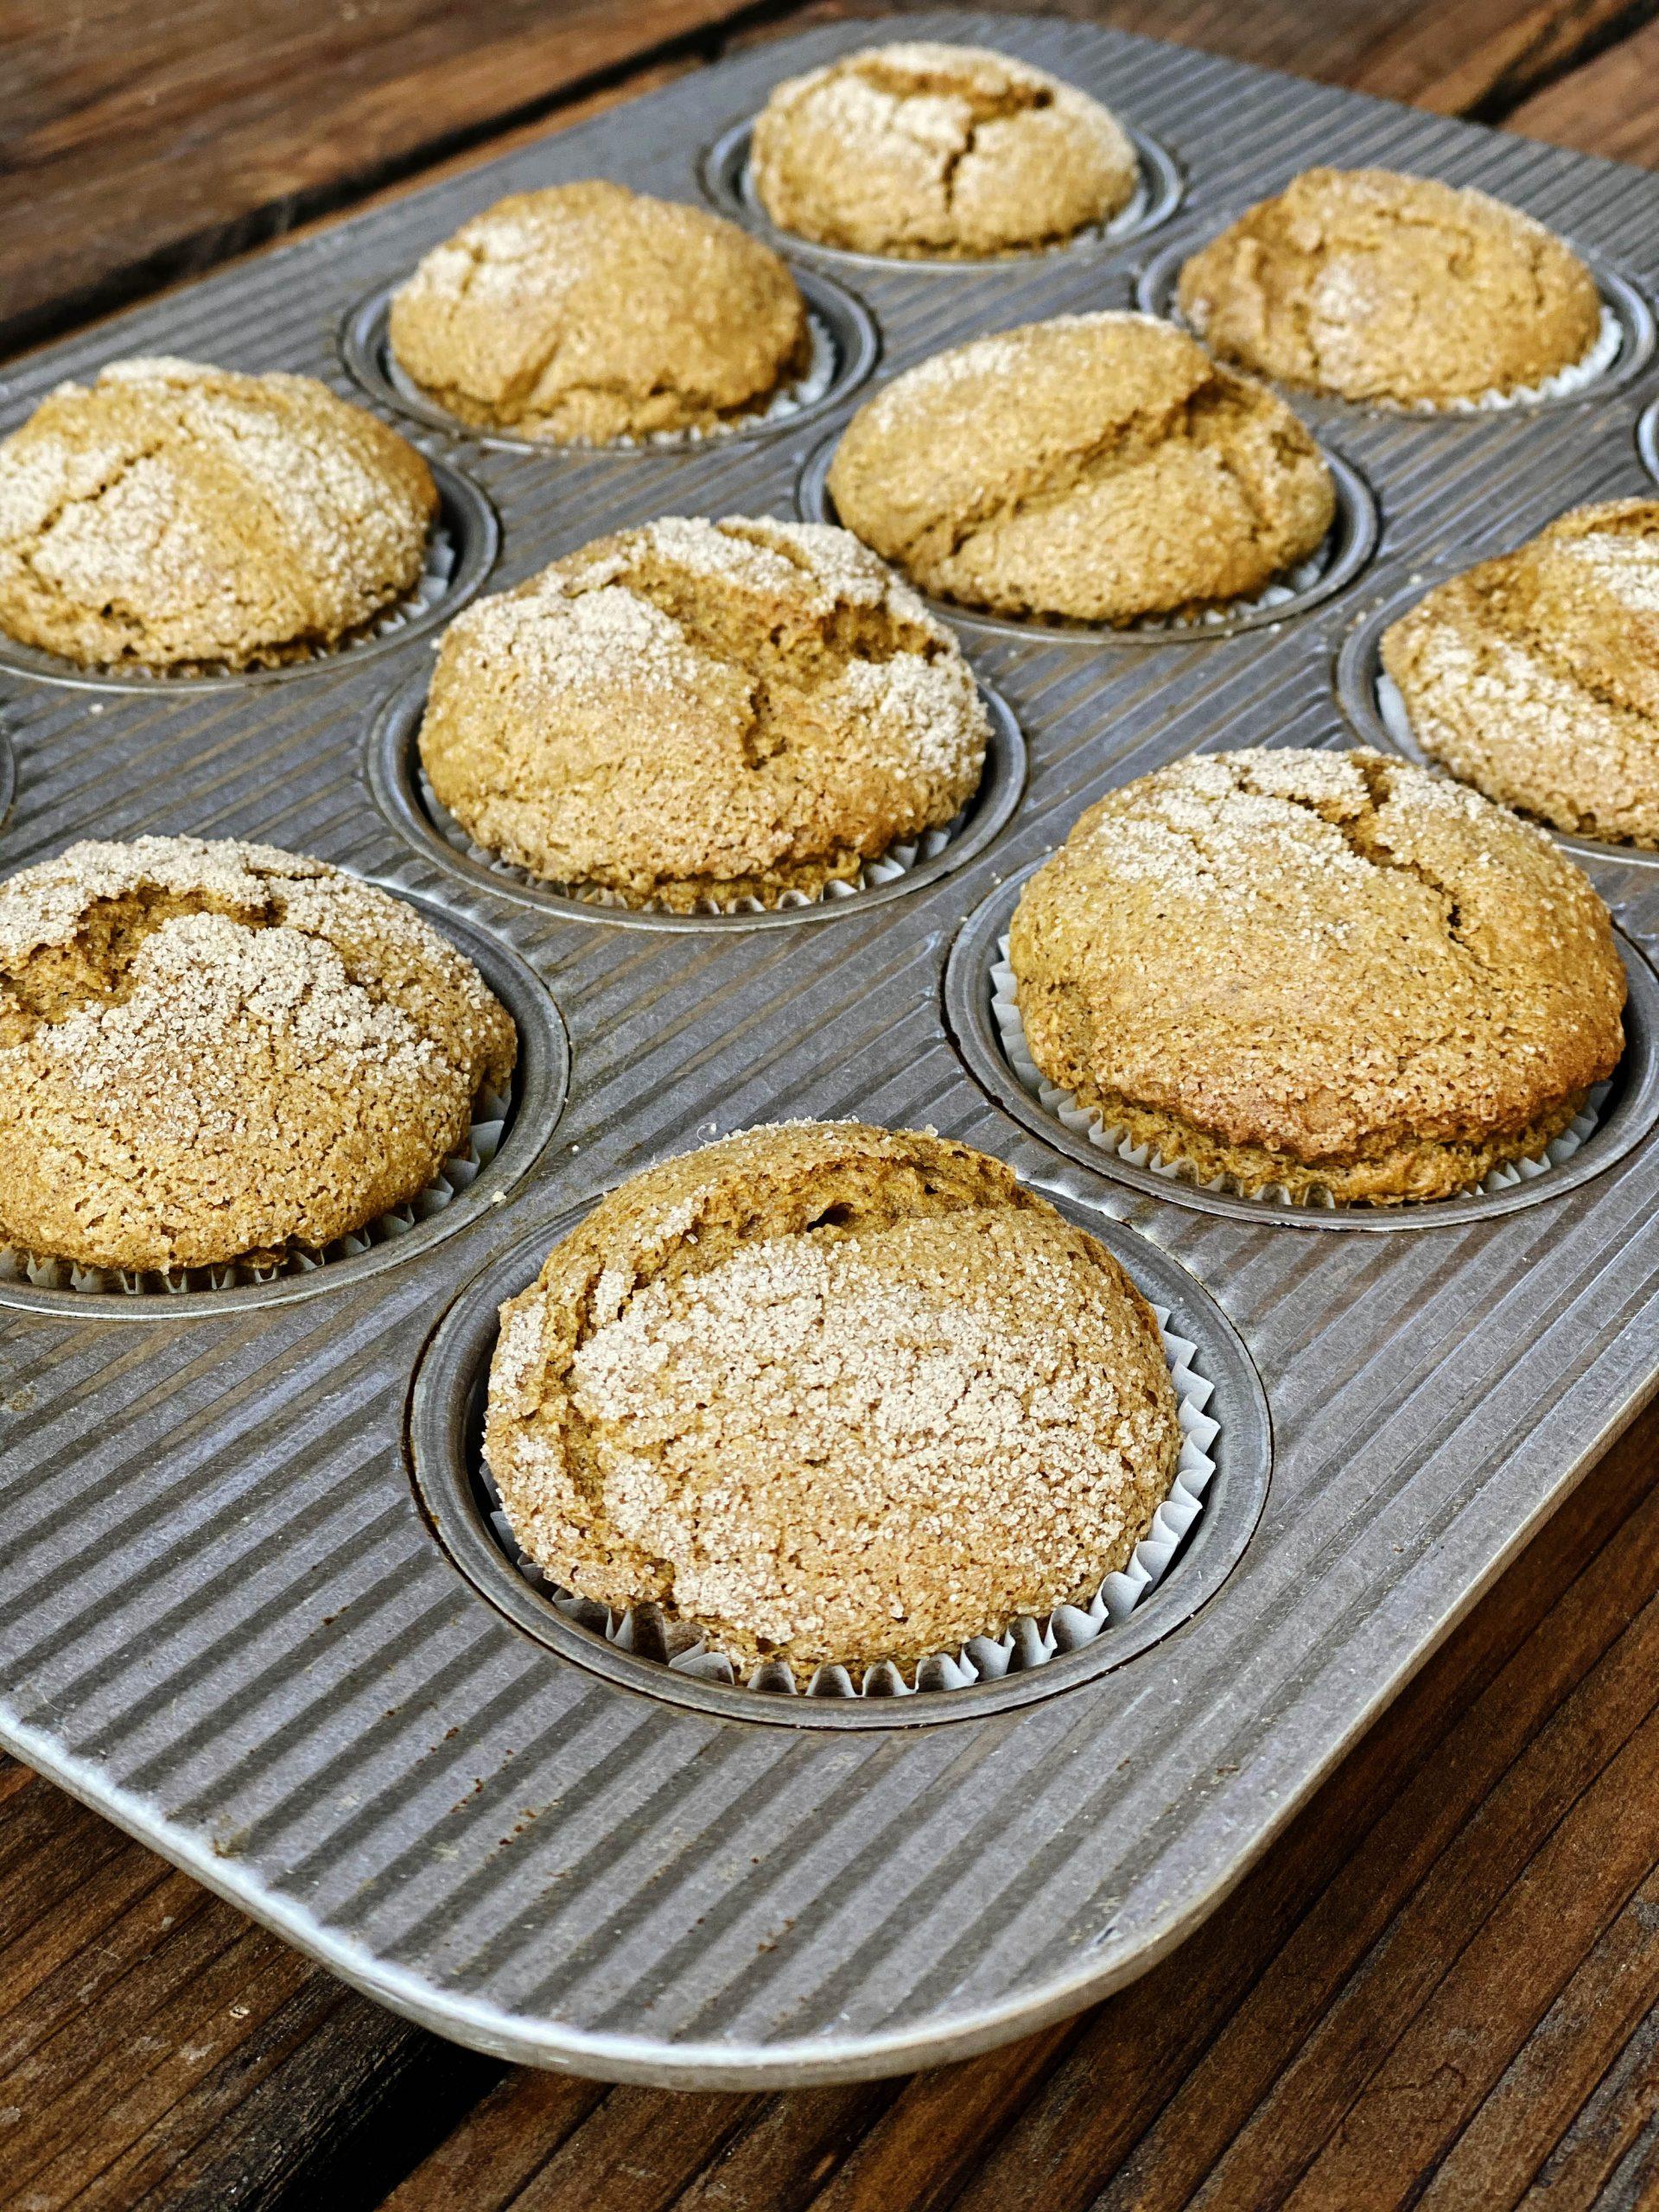 Gluten-Free + Vegan Cinnamon Sugar Pumpkin Muffins | Julie's Kitchenette